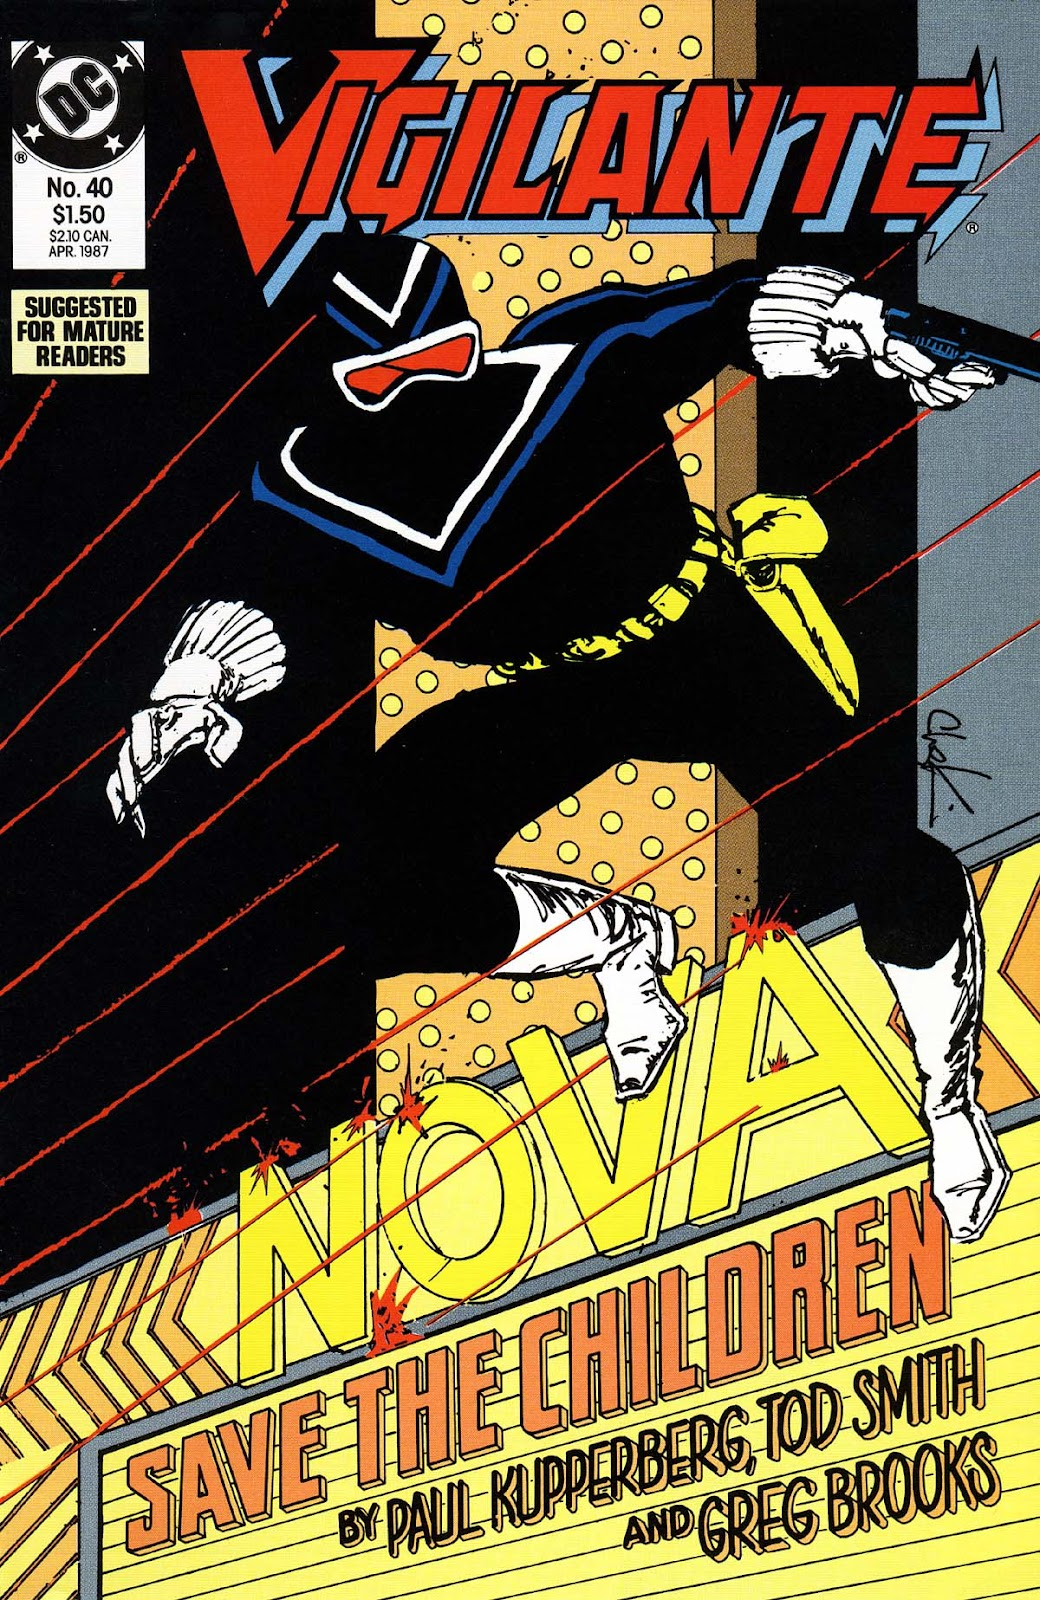 Vigilante (1983) issue 40 - Page 1